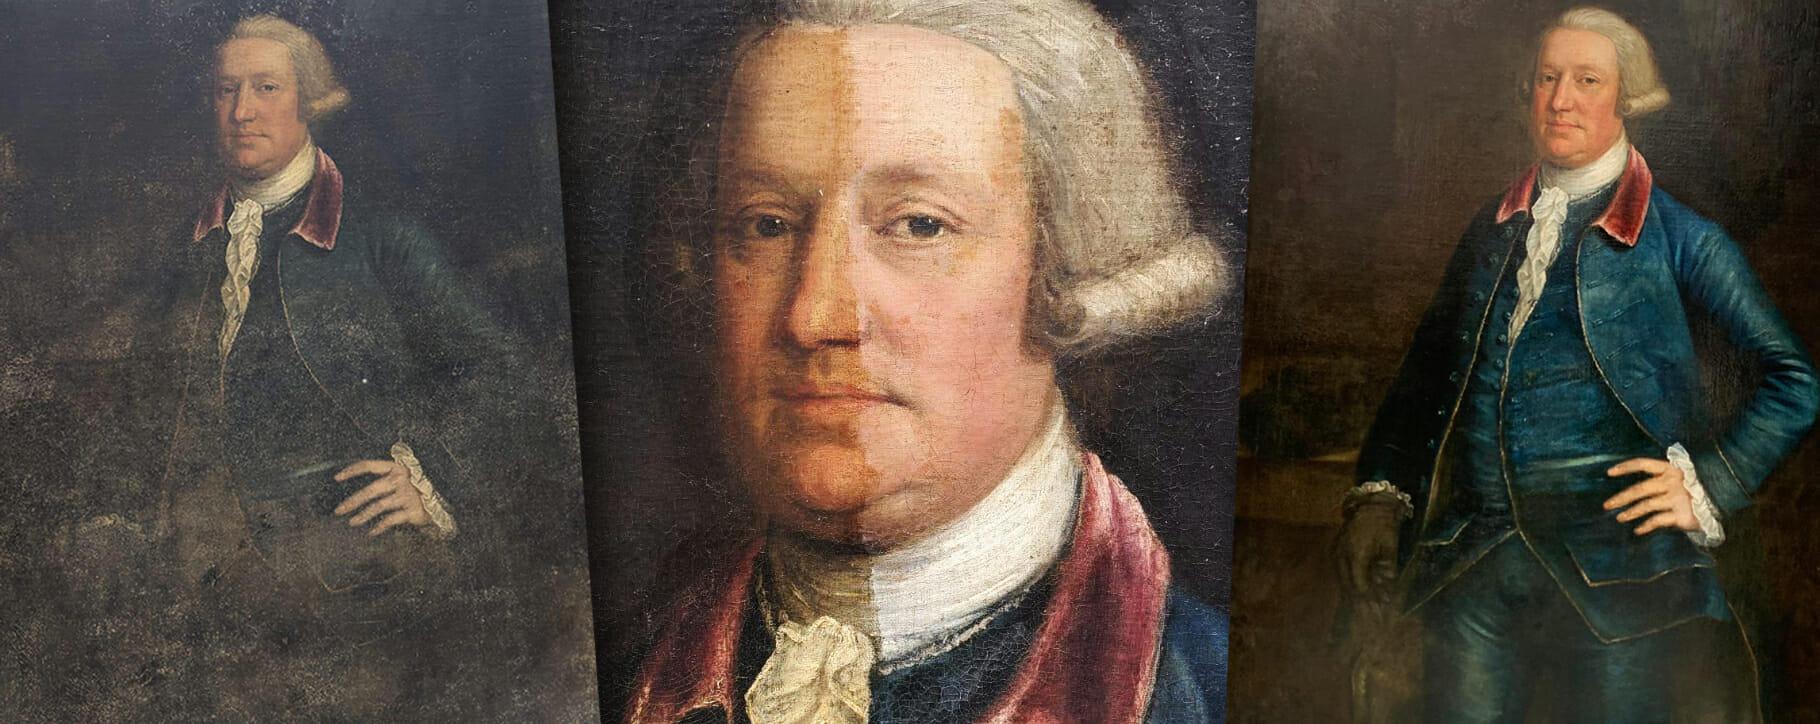 Mould Damage 18th century portrait